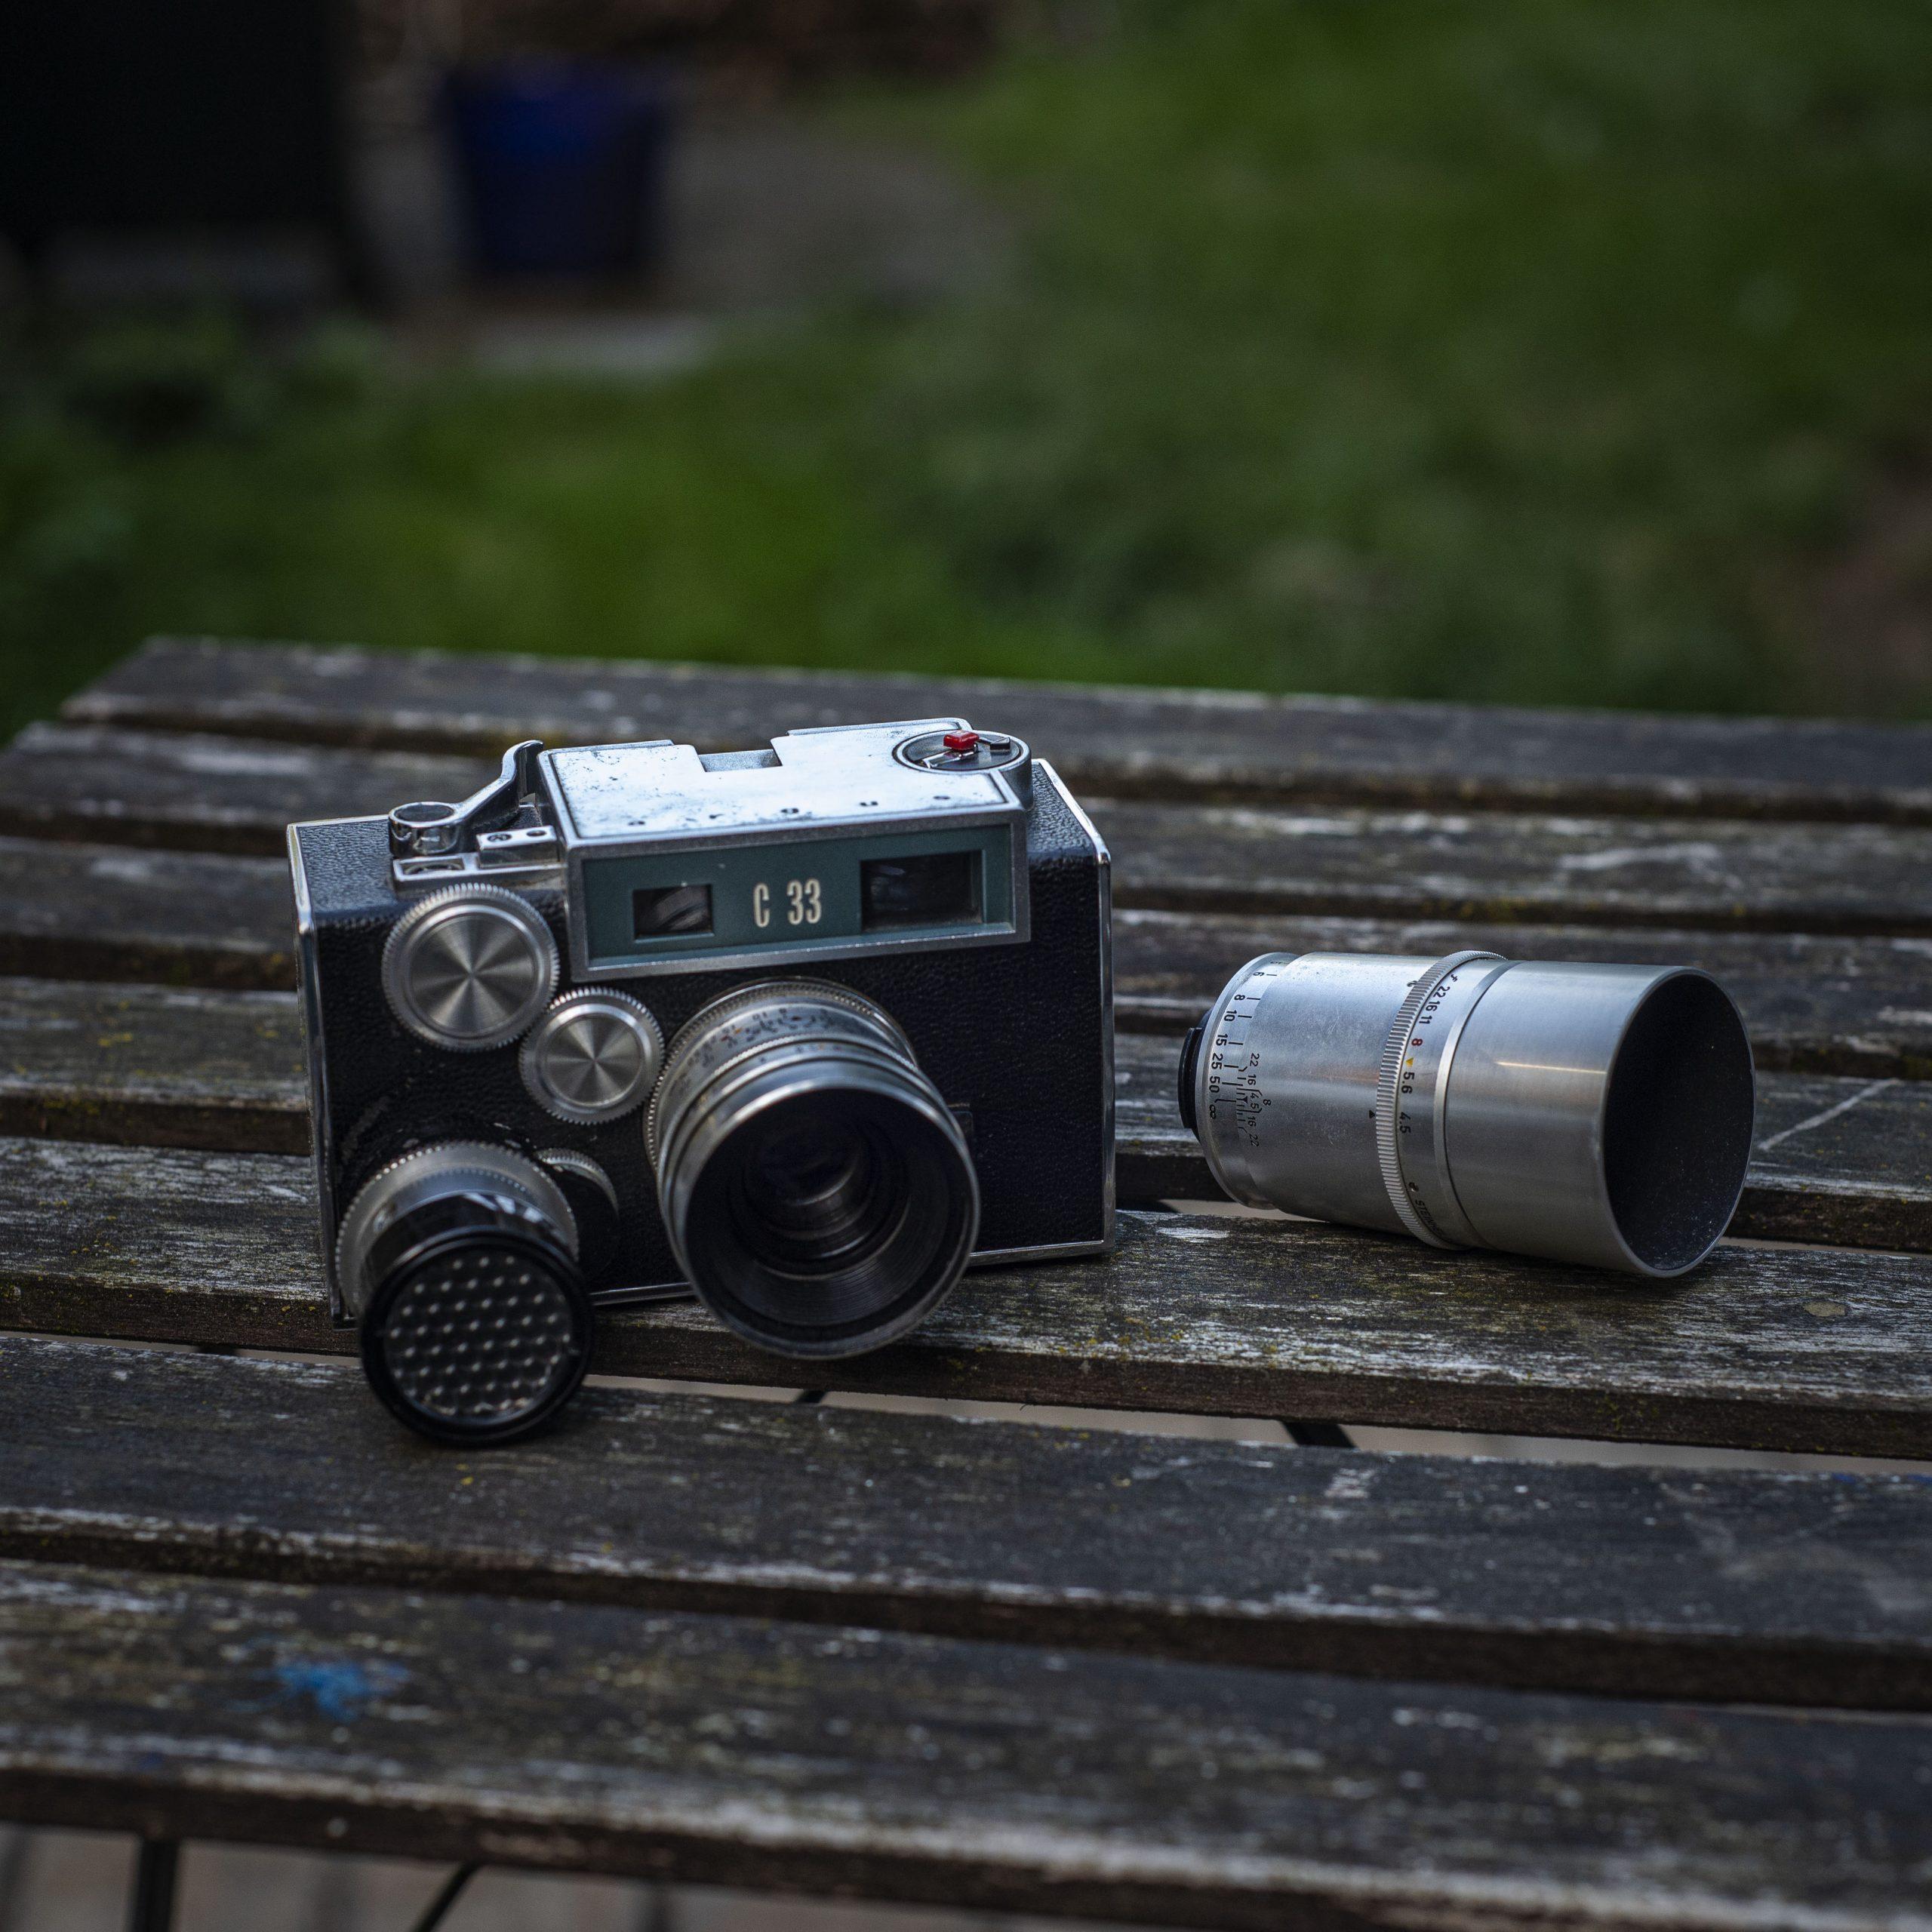 Argus C33 and accessories